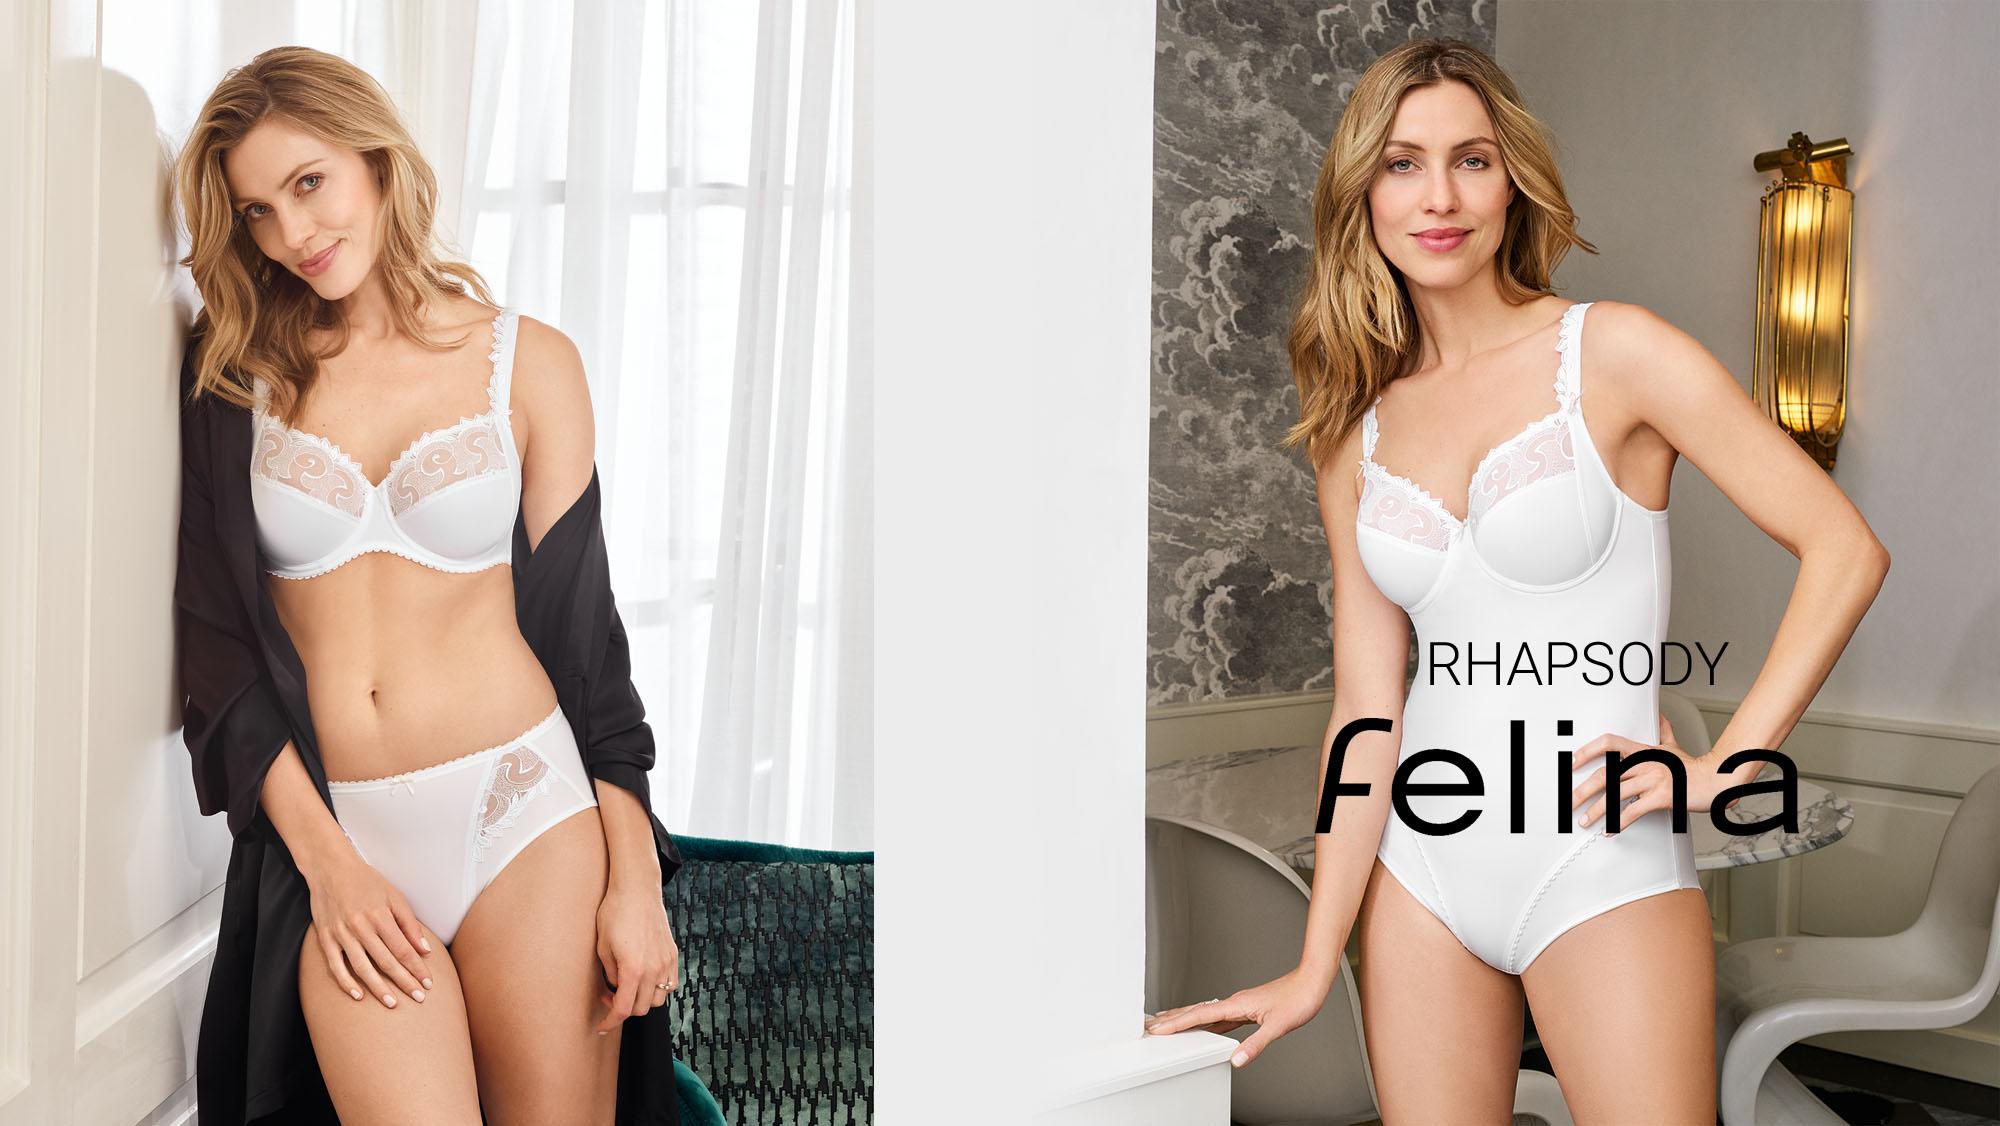 Felina Rhapsody